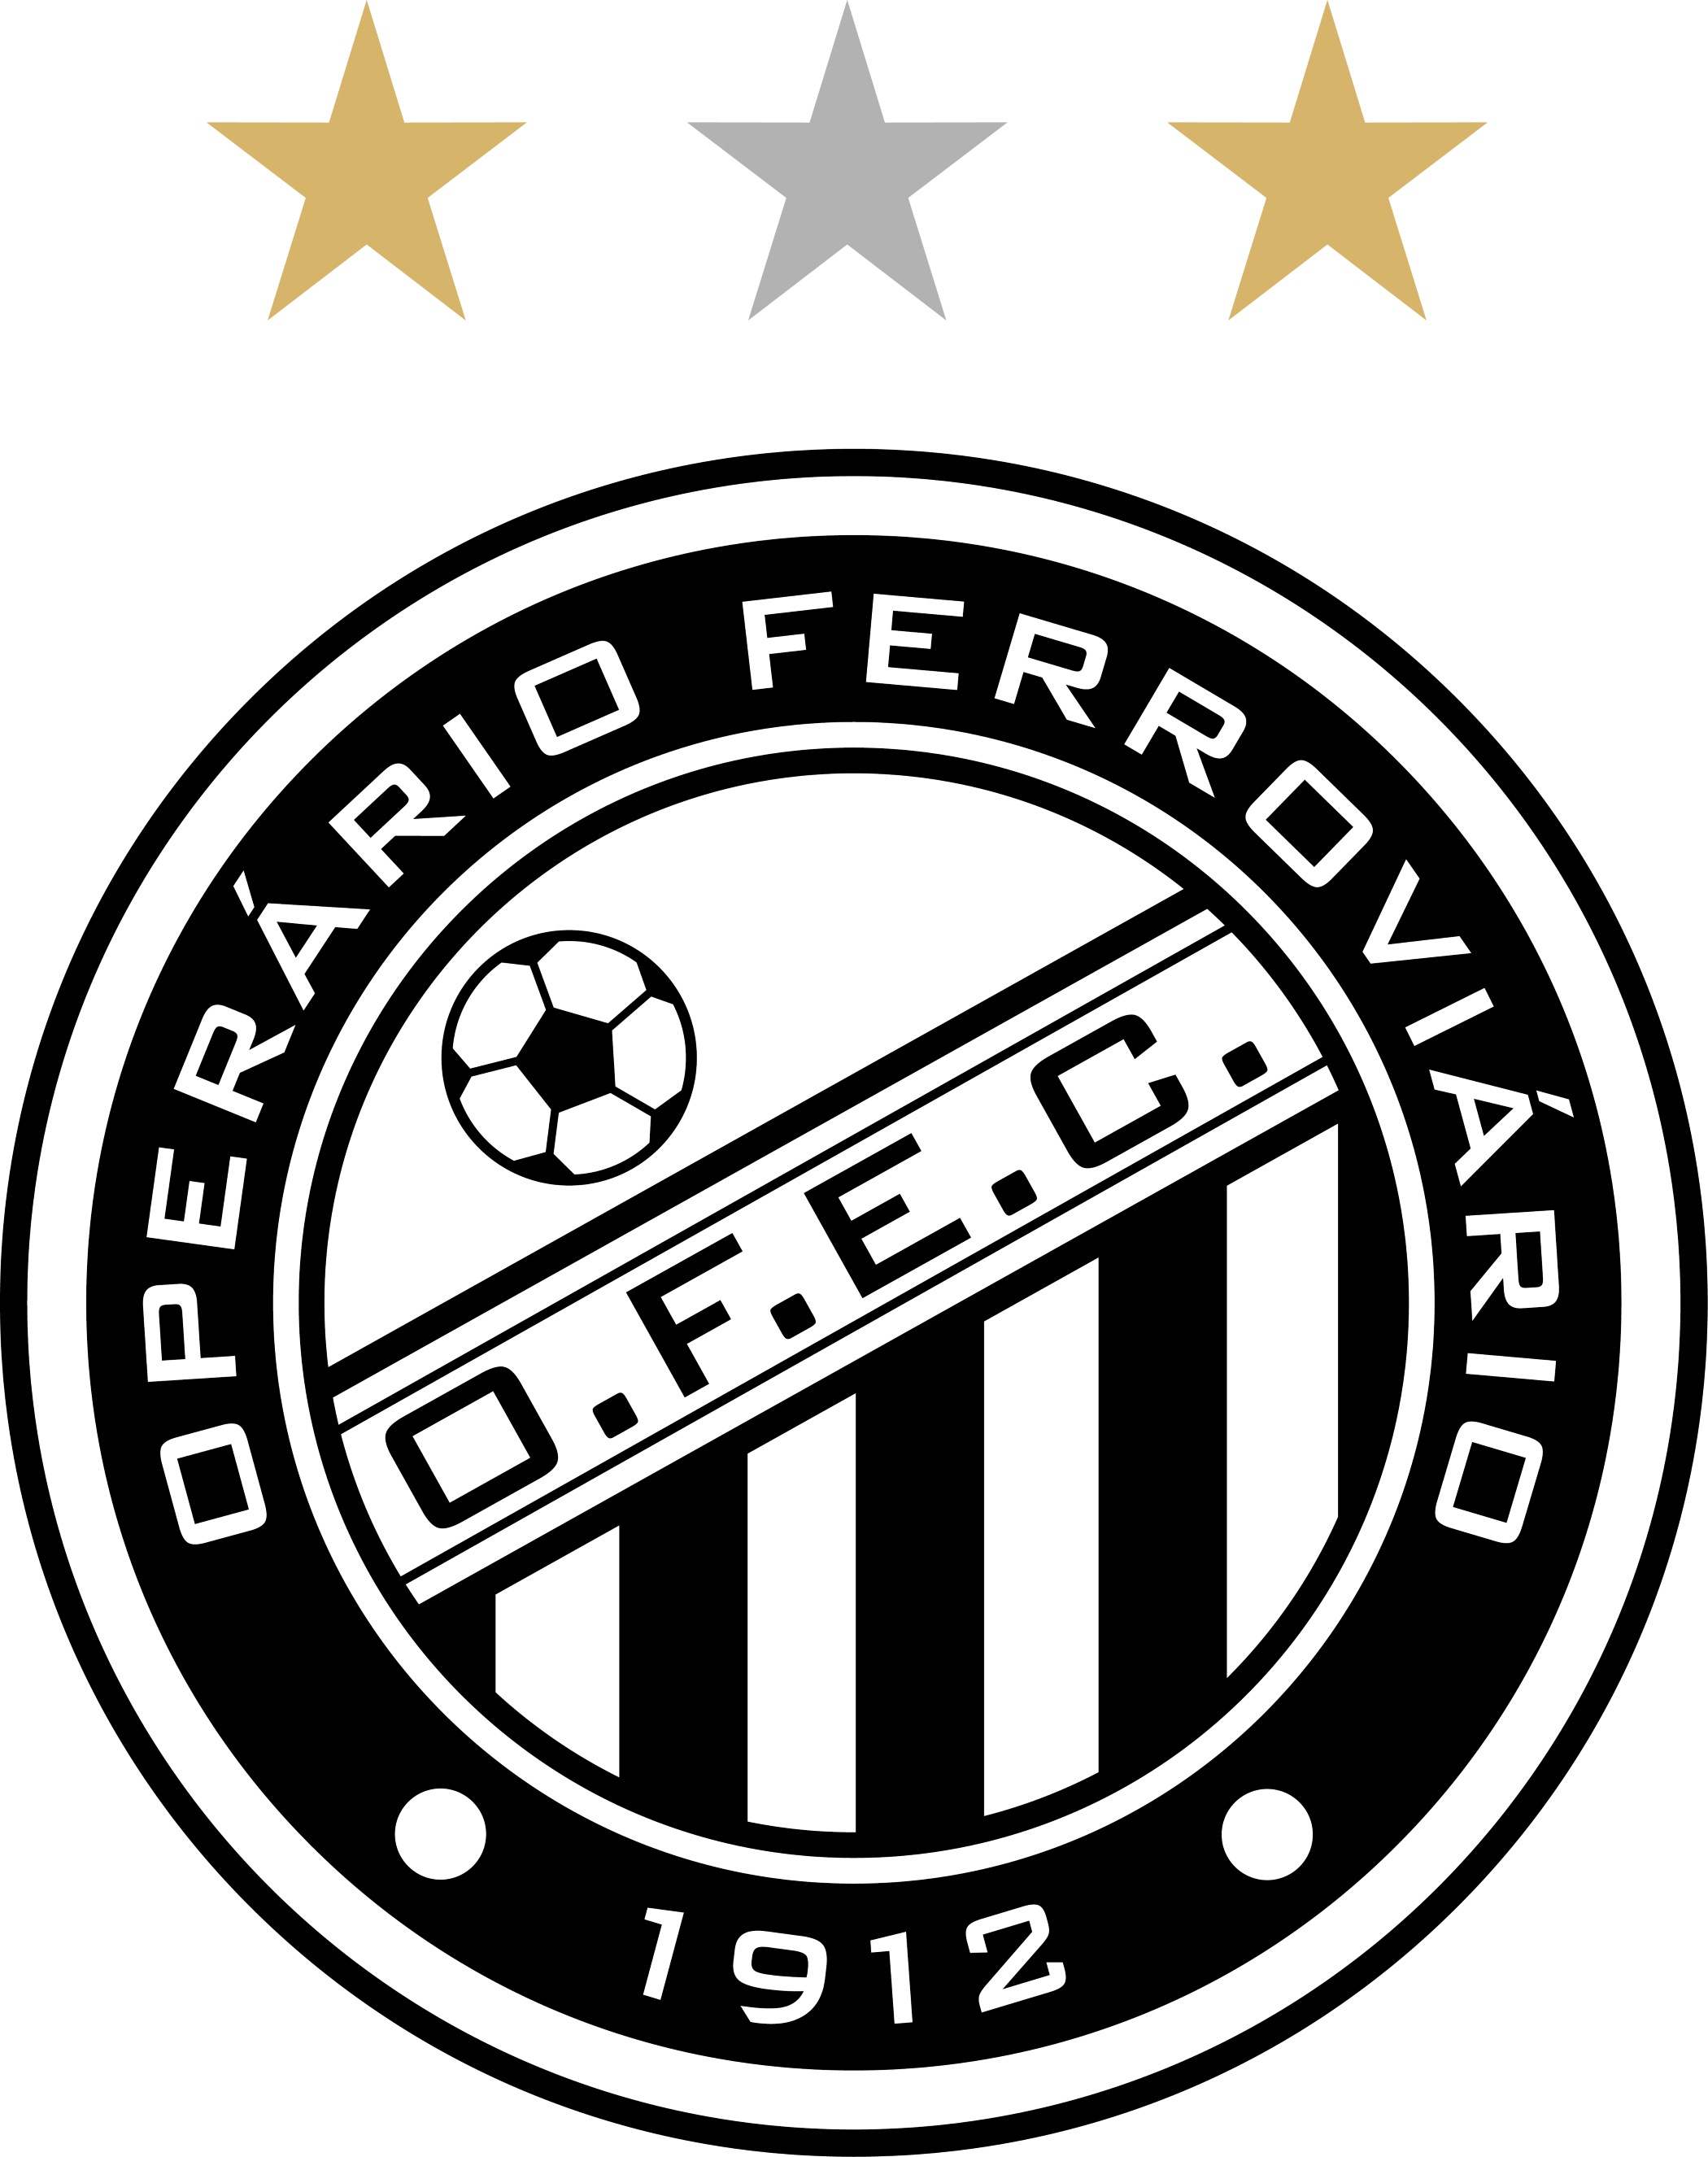 Operário Ferroviário Logo, Escudo.